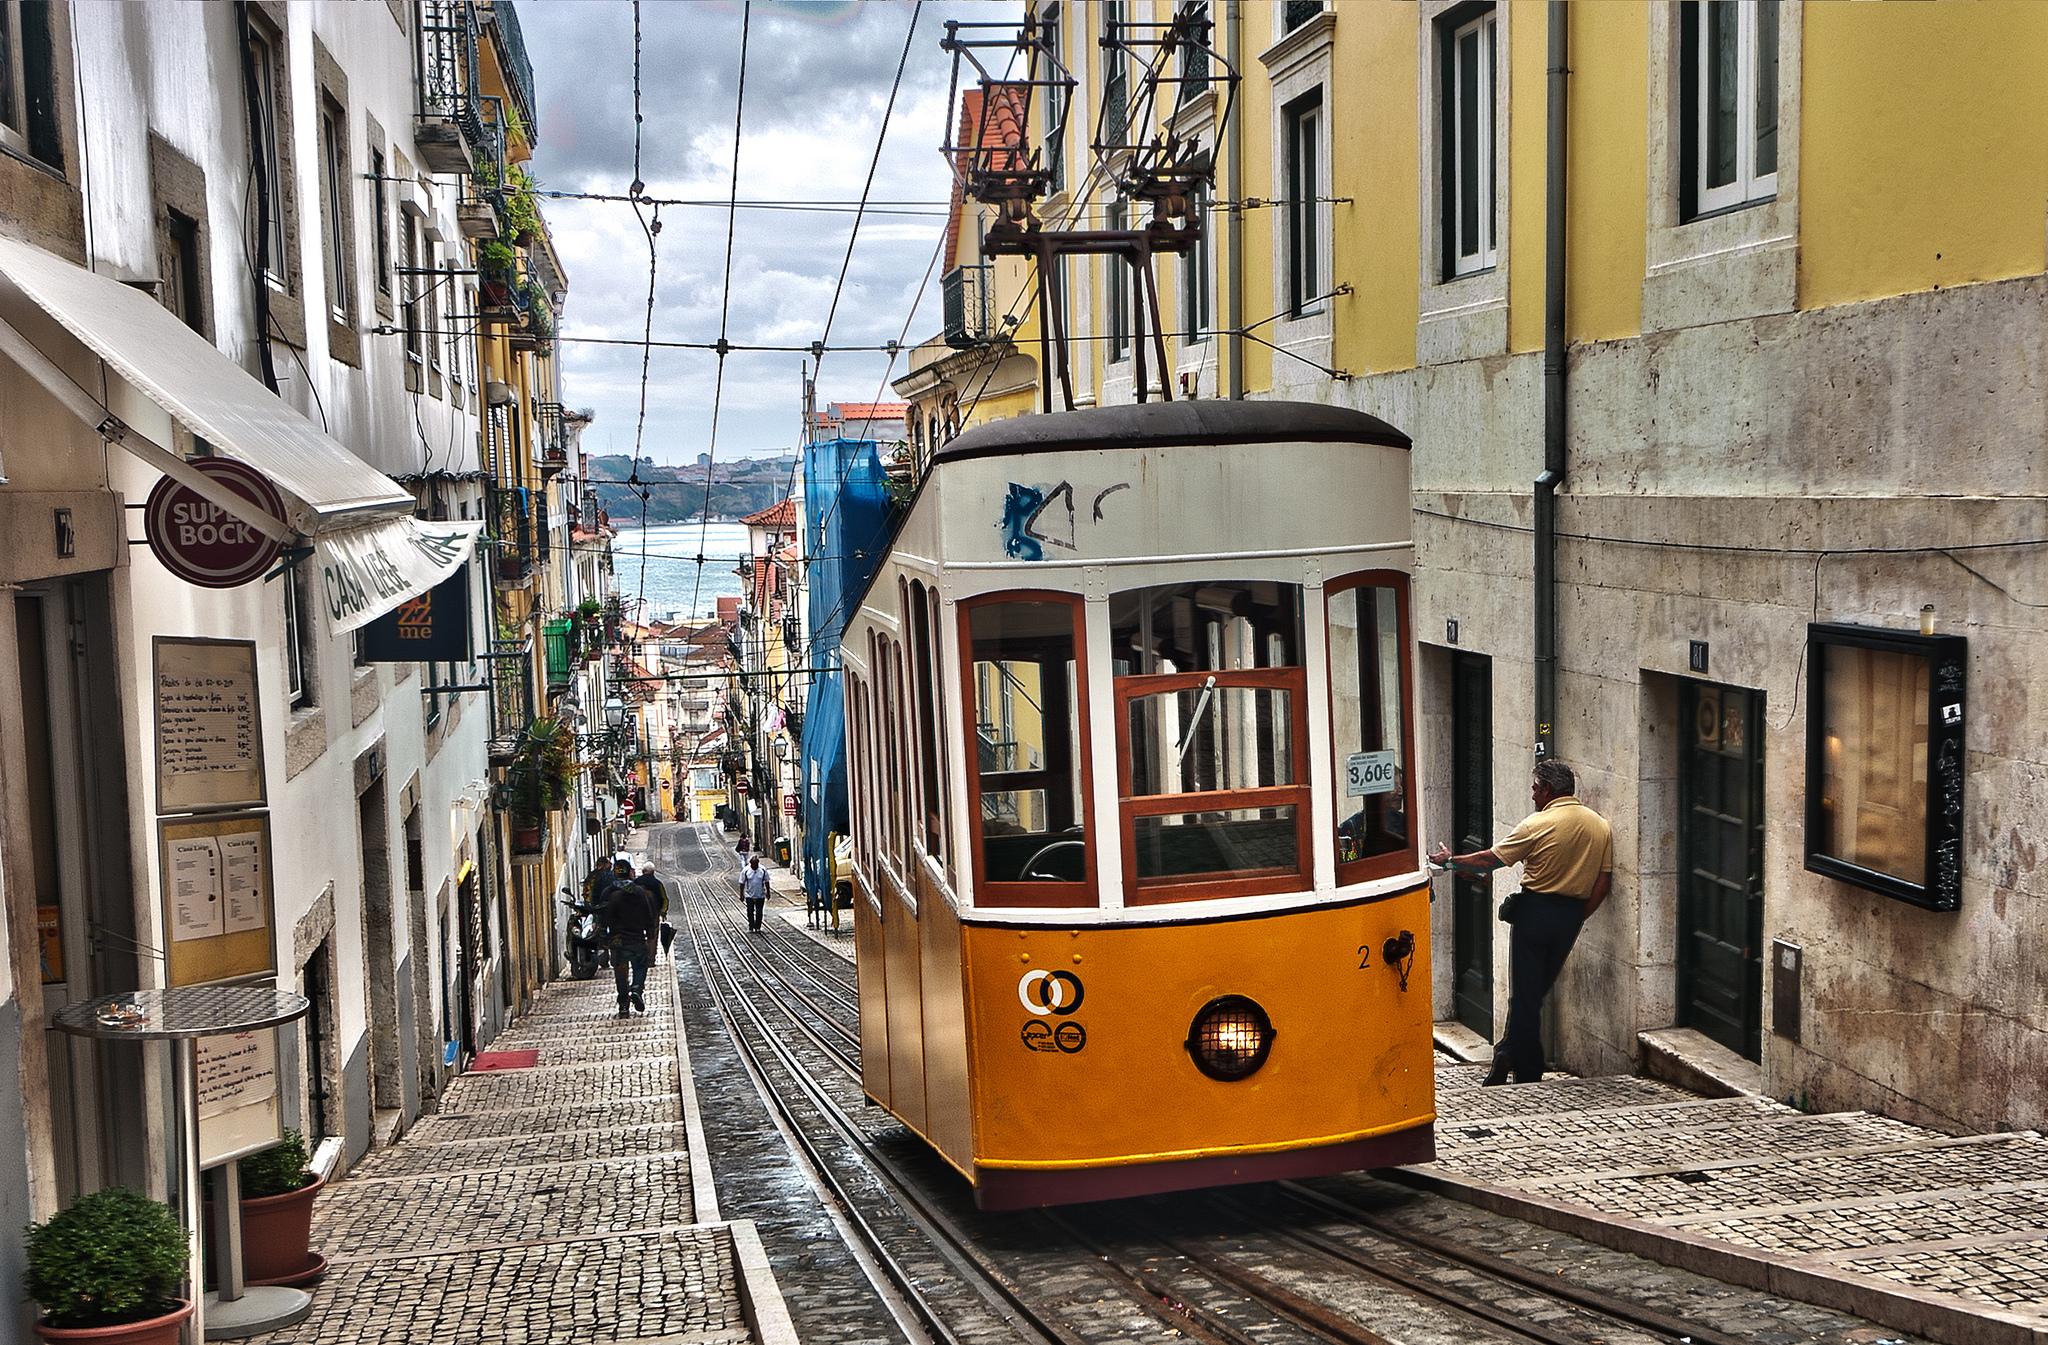 Electrique de Lisbonne